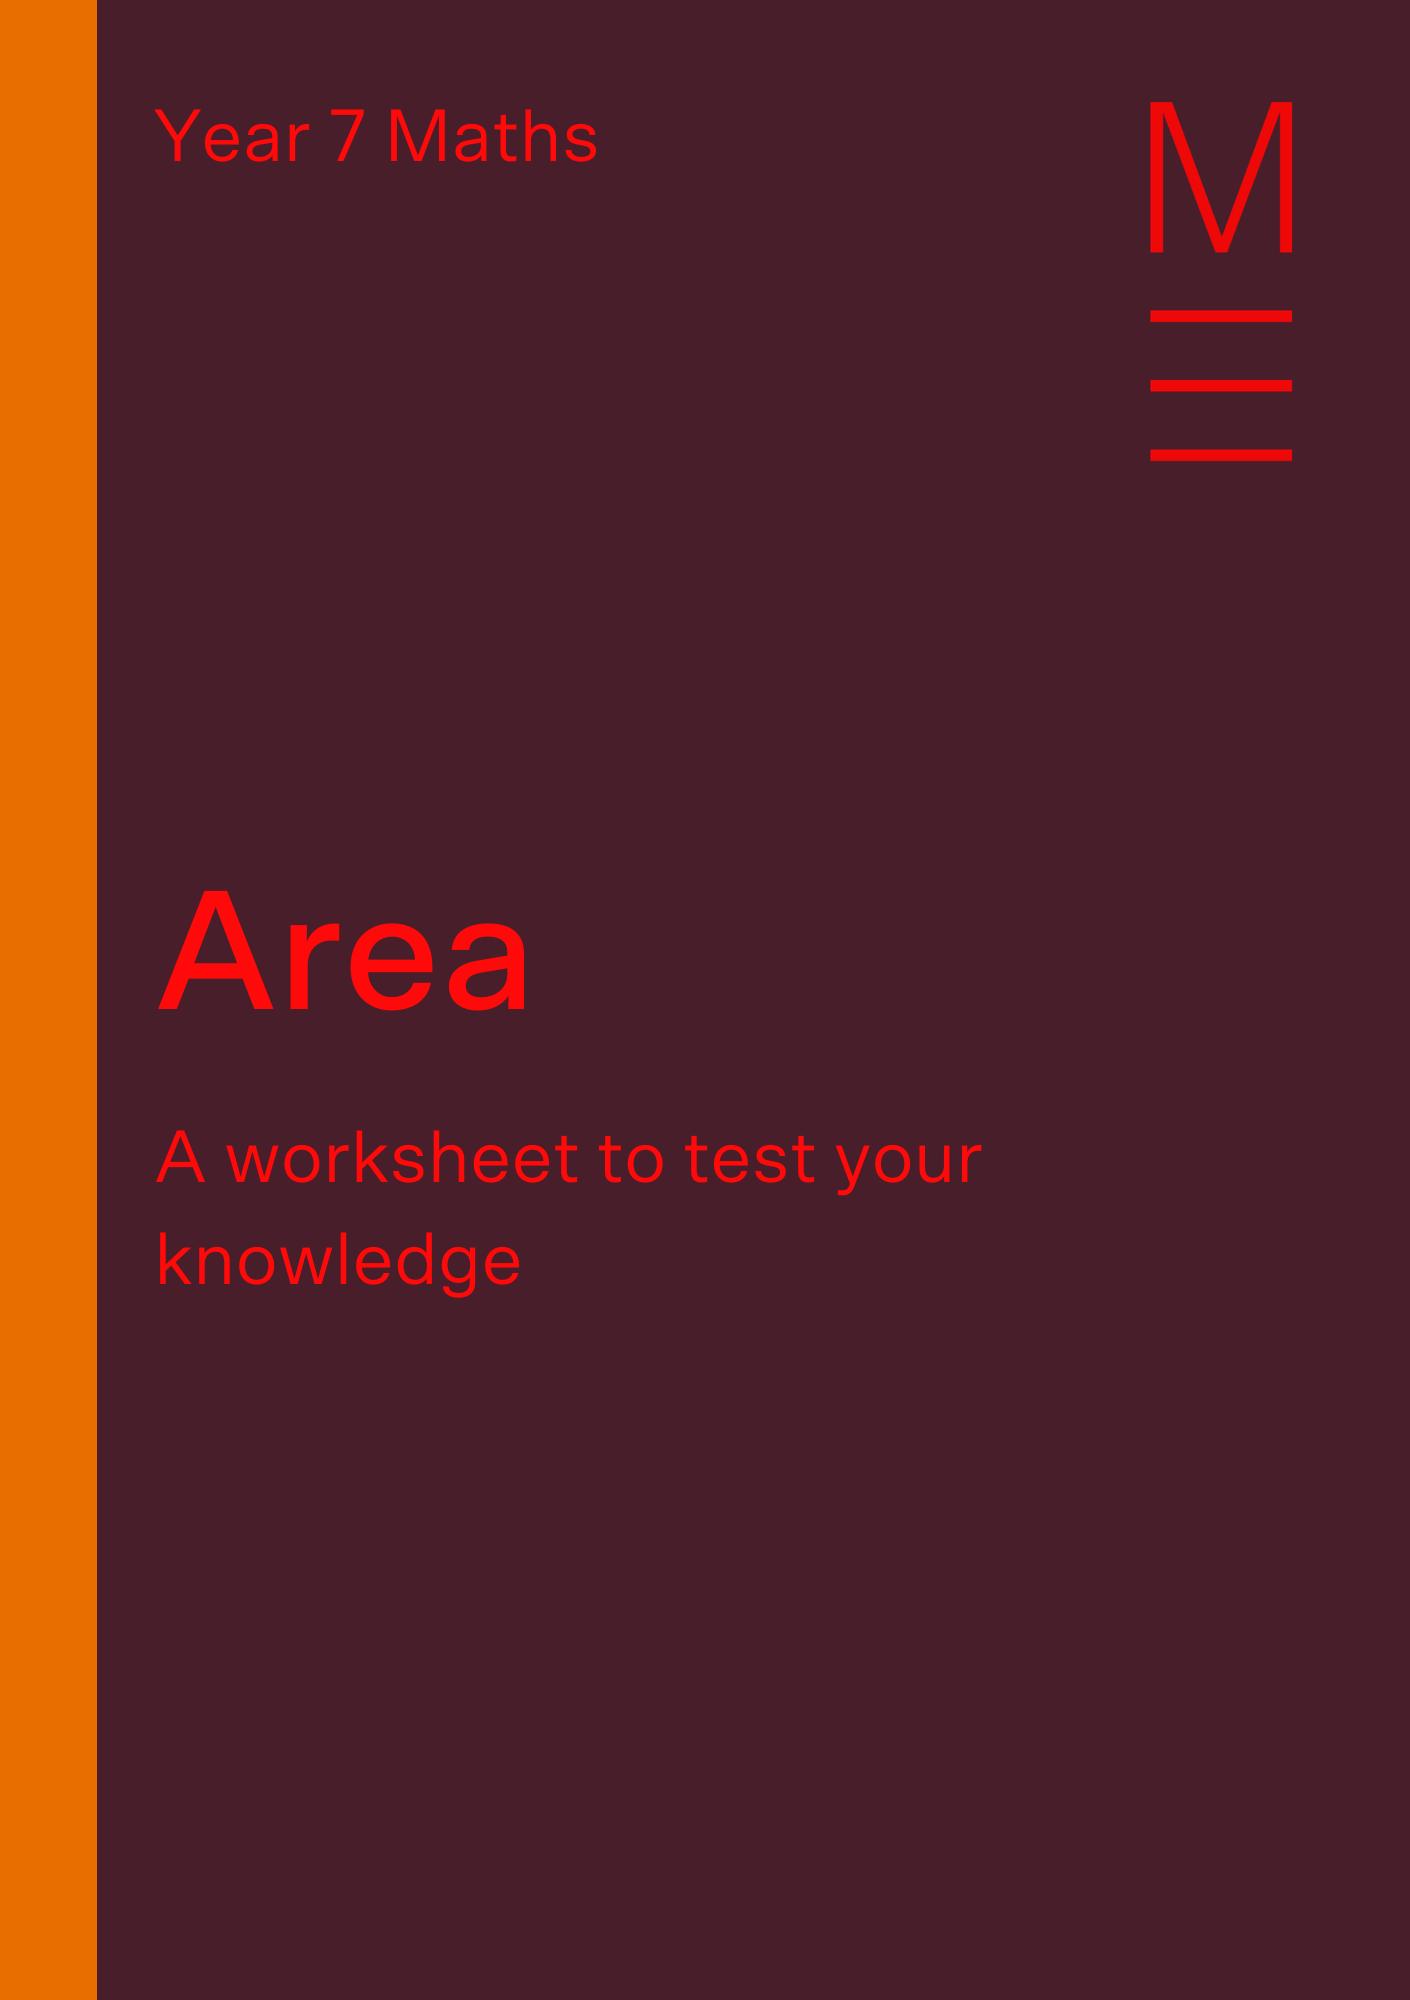 Part 6 Area